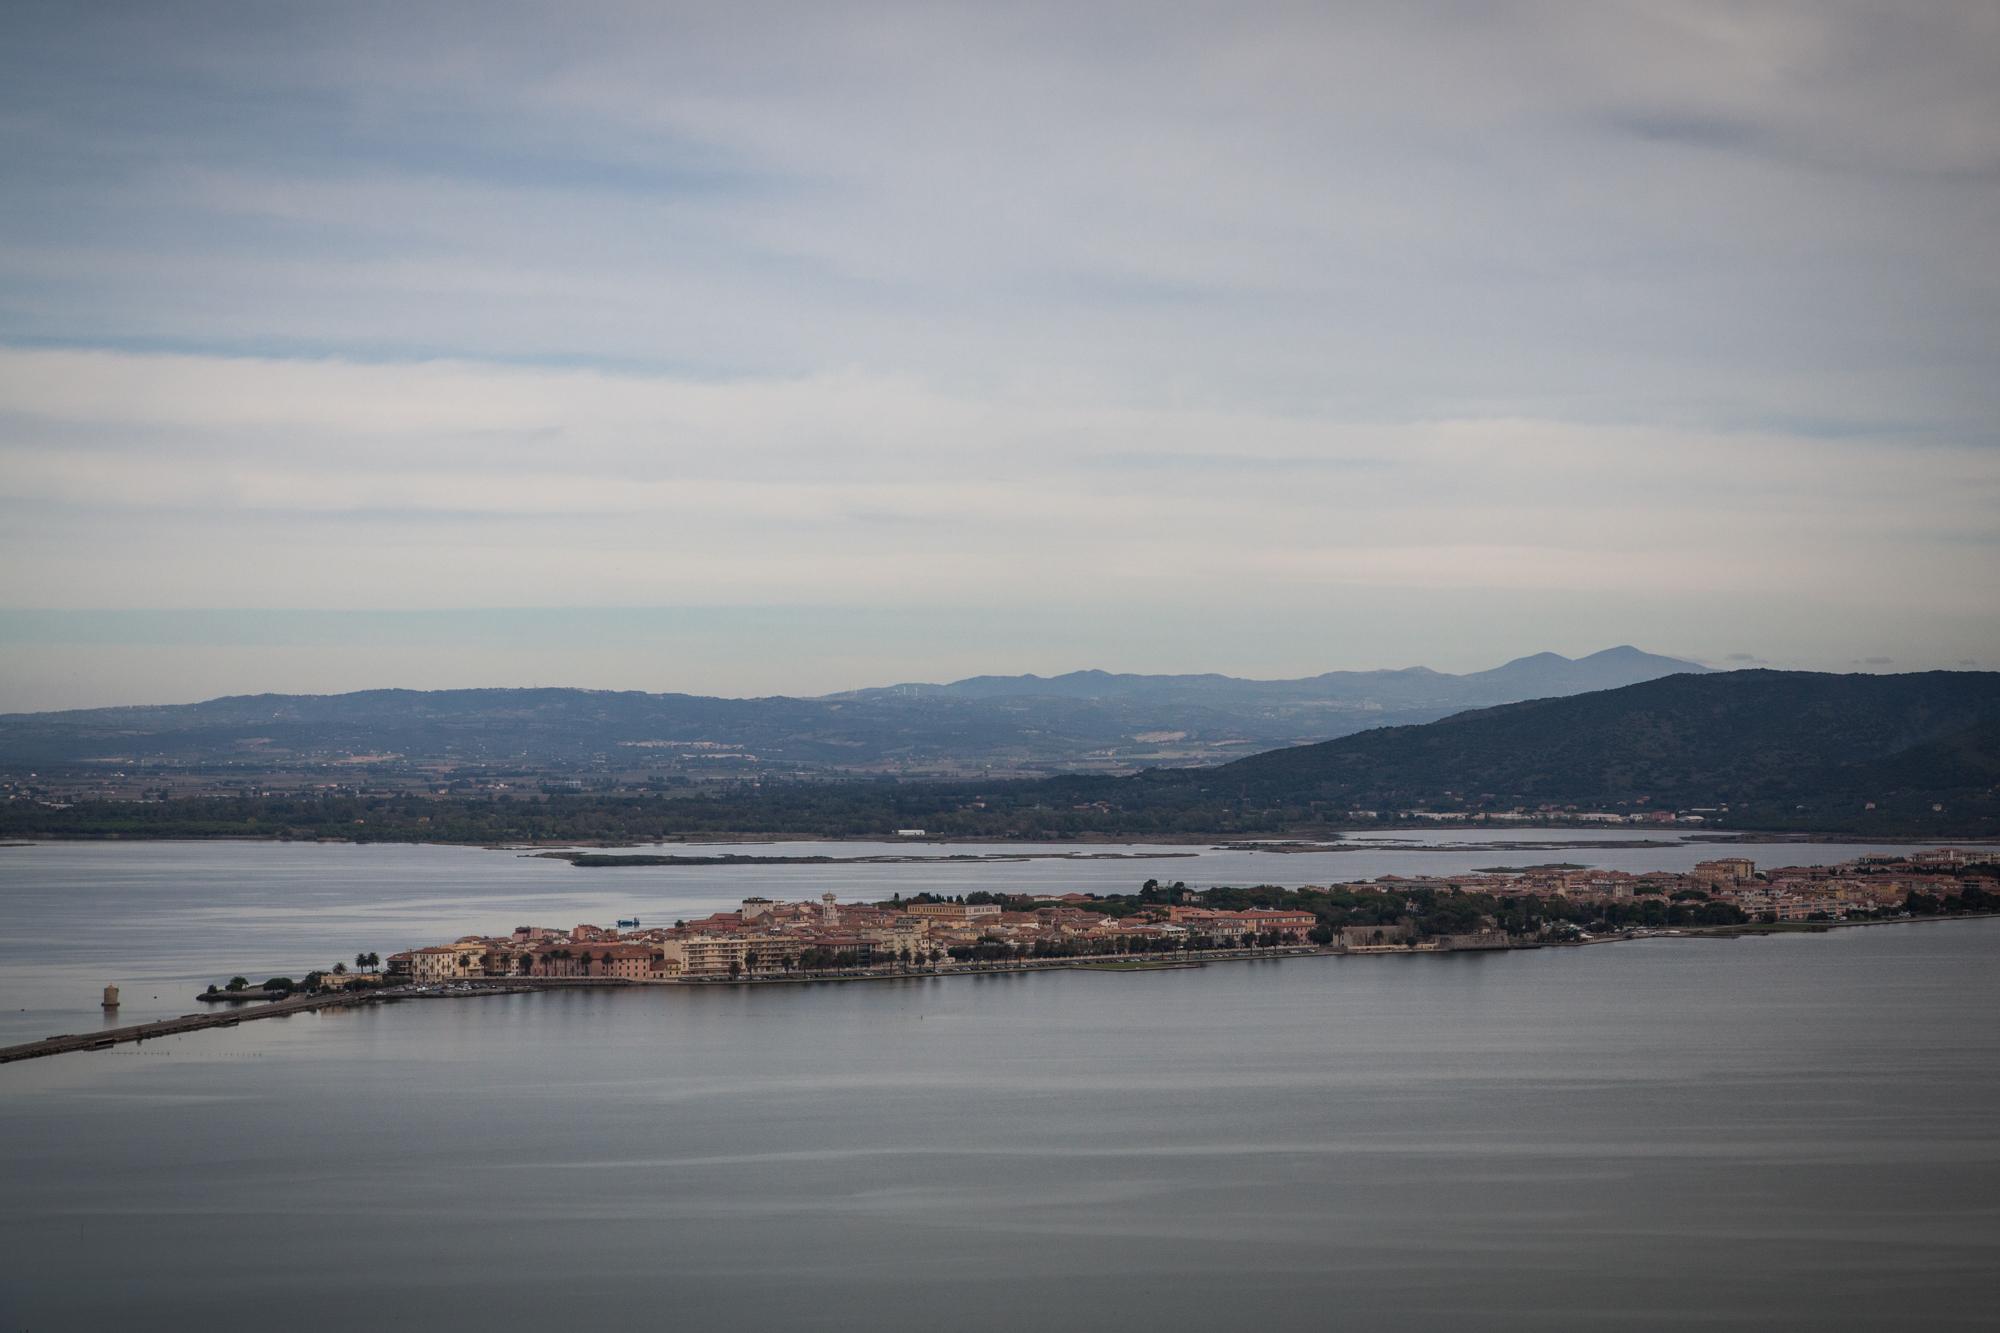 Veduta di Orbetello (Grosseto), 2015.Orbetello, cittadina toscana della provincia di Grosseto (7.000 abitanti) è al centro dell'omonima Laguna. E' costruita su un terrapieno artificiale che unisce la costa e al Monte Argentario, dividendo la laguna in due specchi d'acqua.